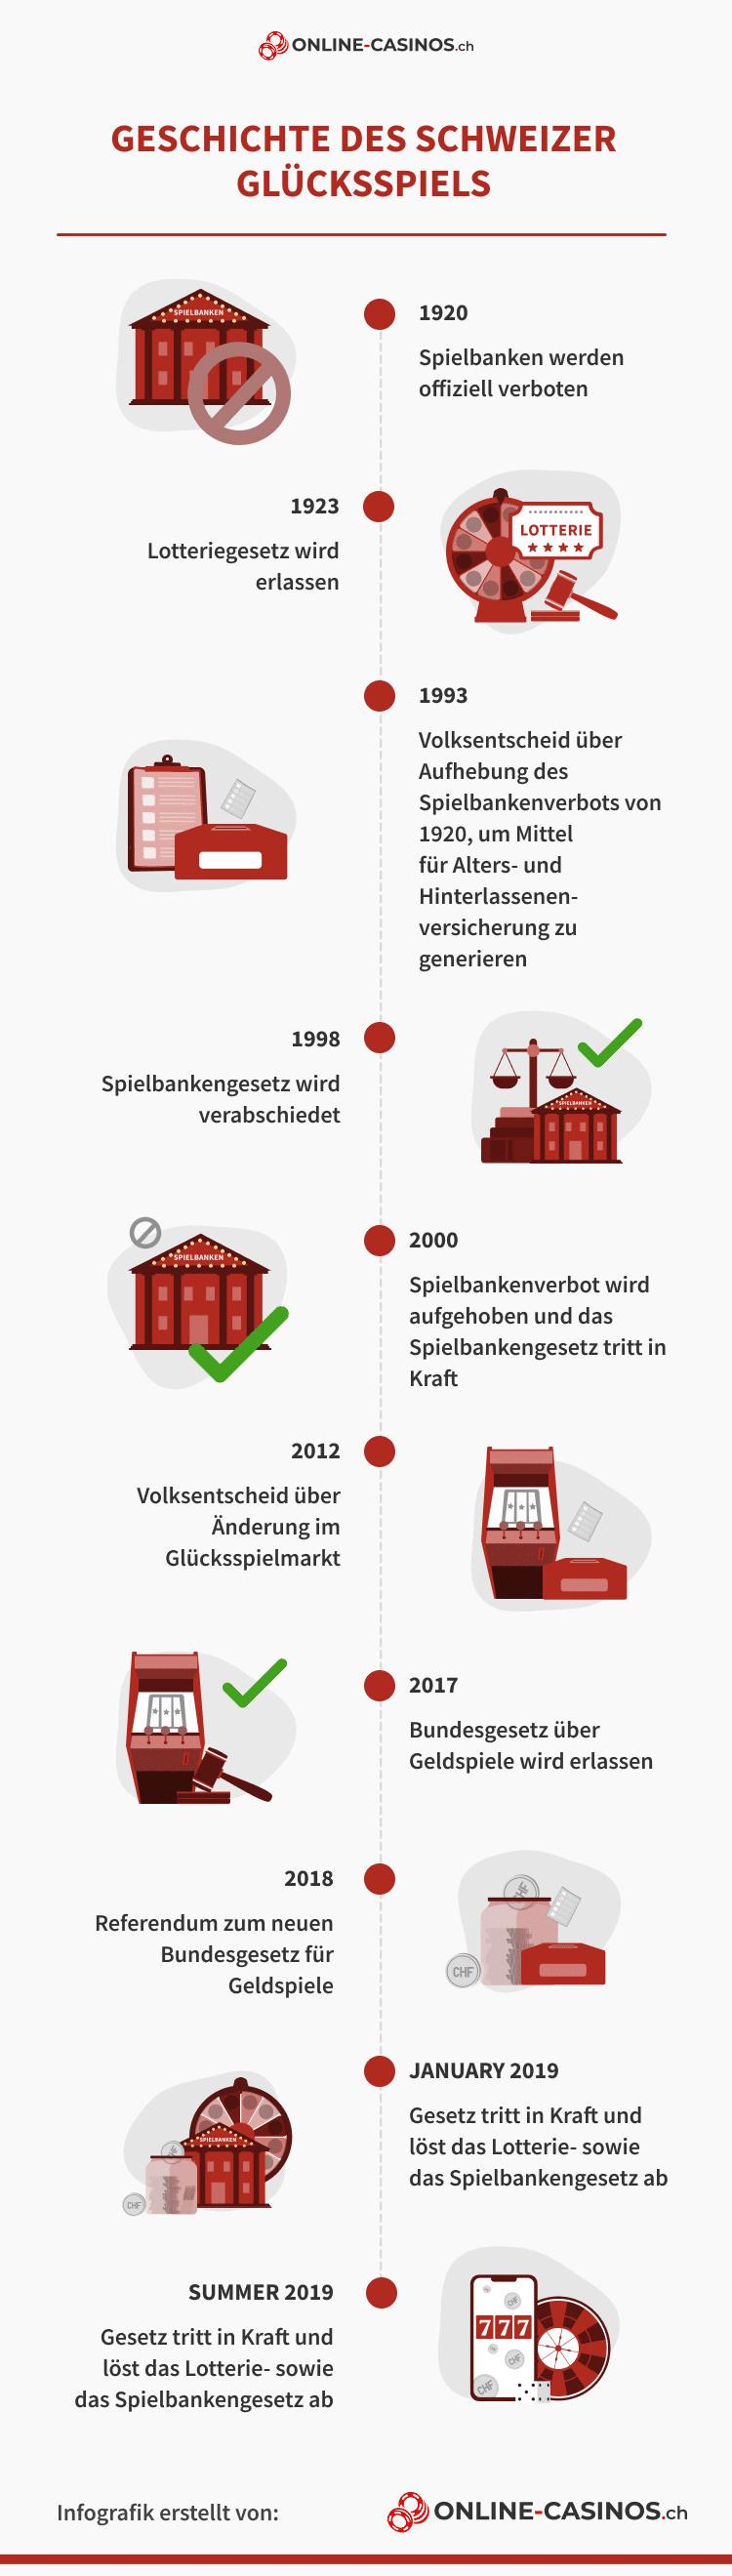 Geschichte des Schweizer Glücksspiels